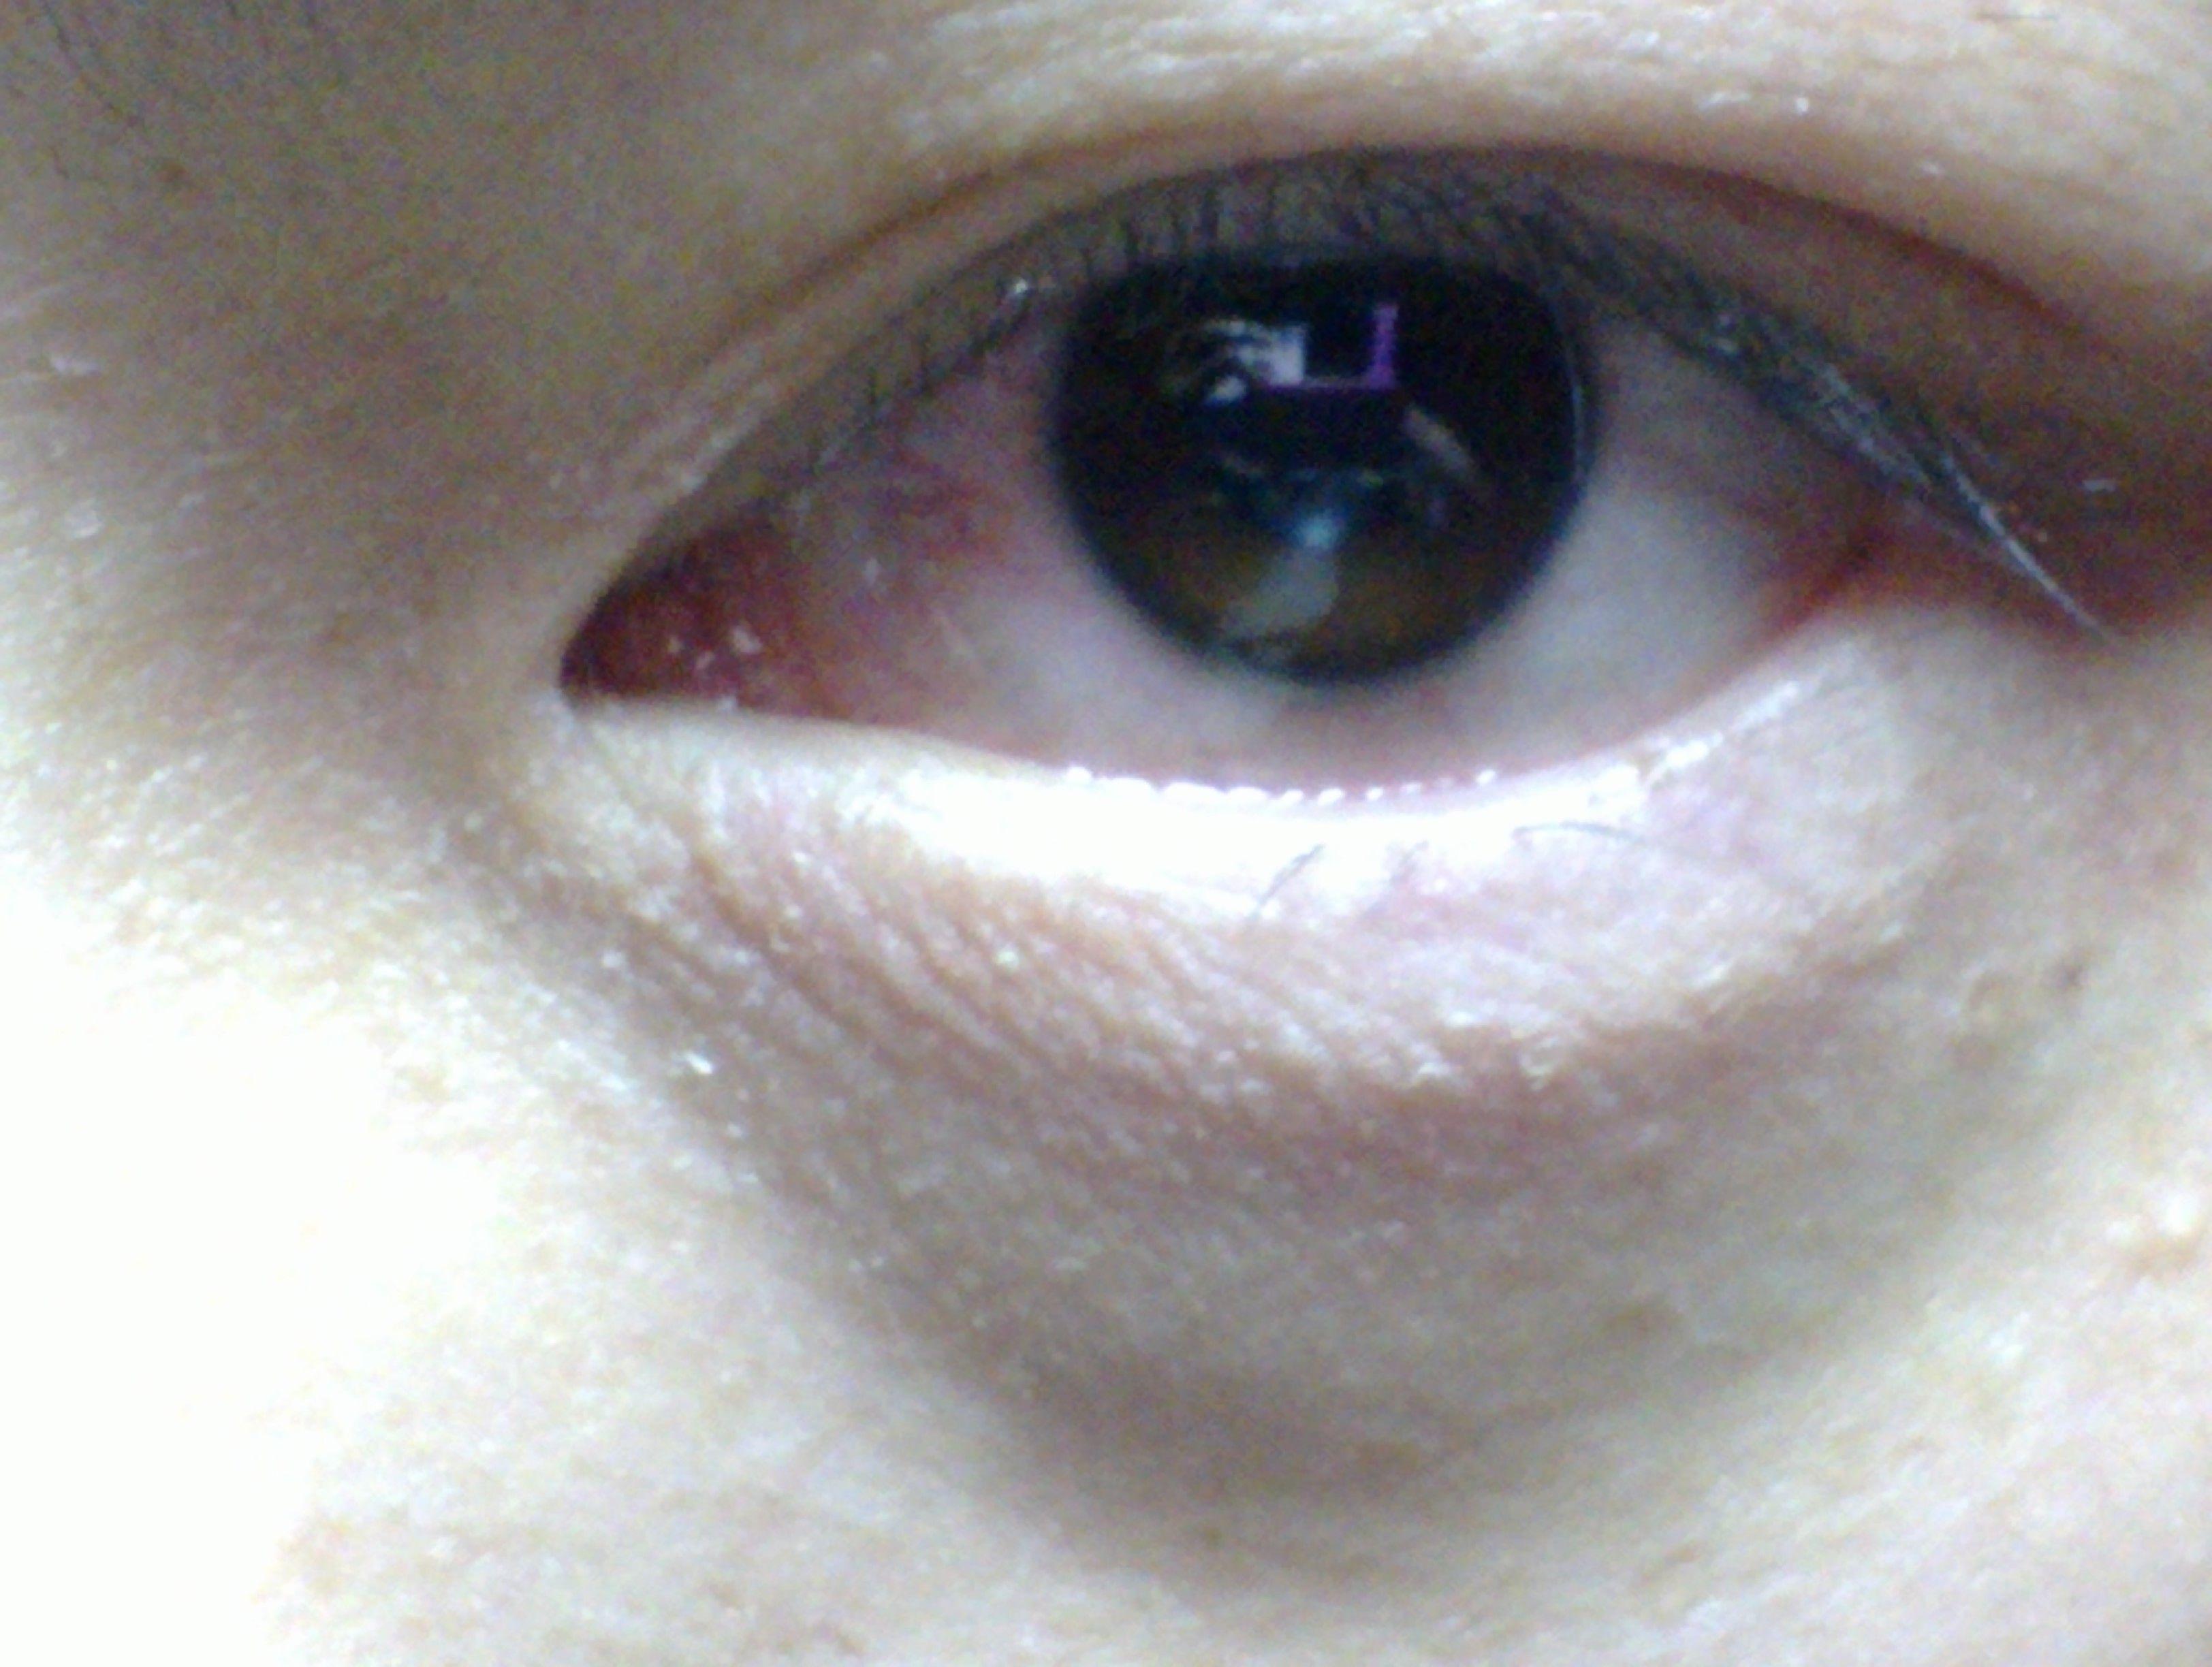 内眼角痒用什么药